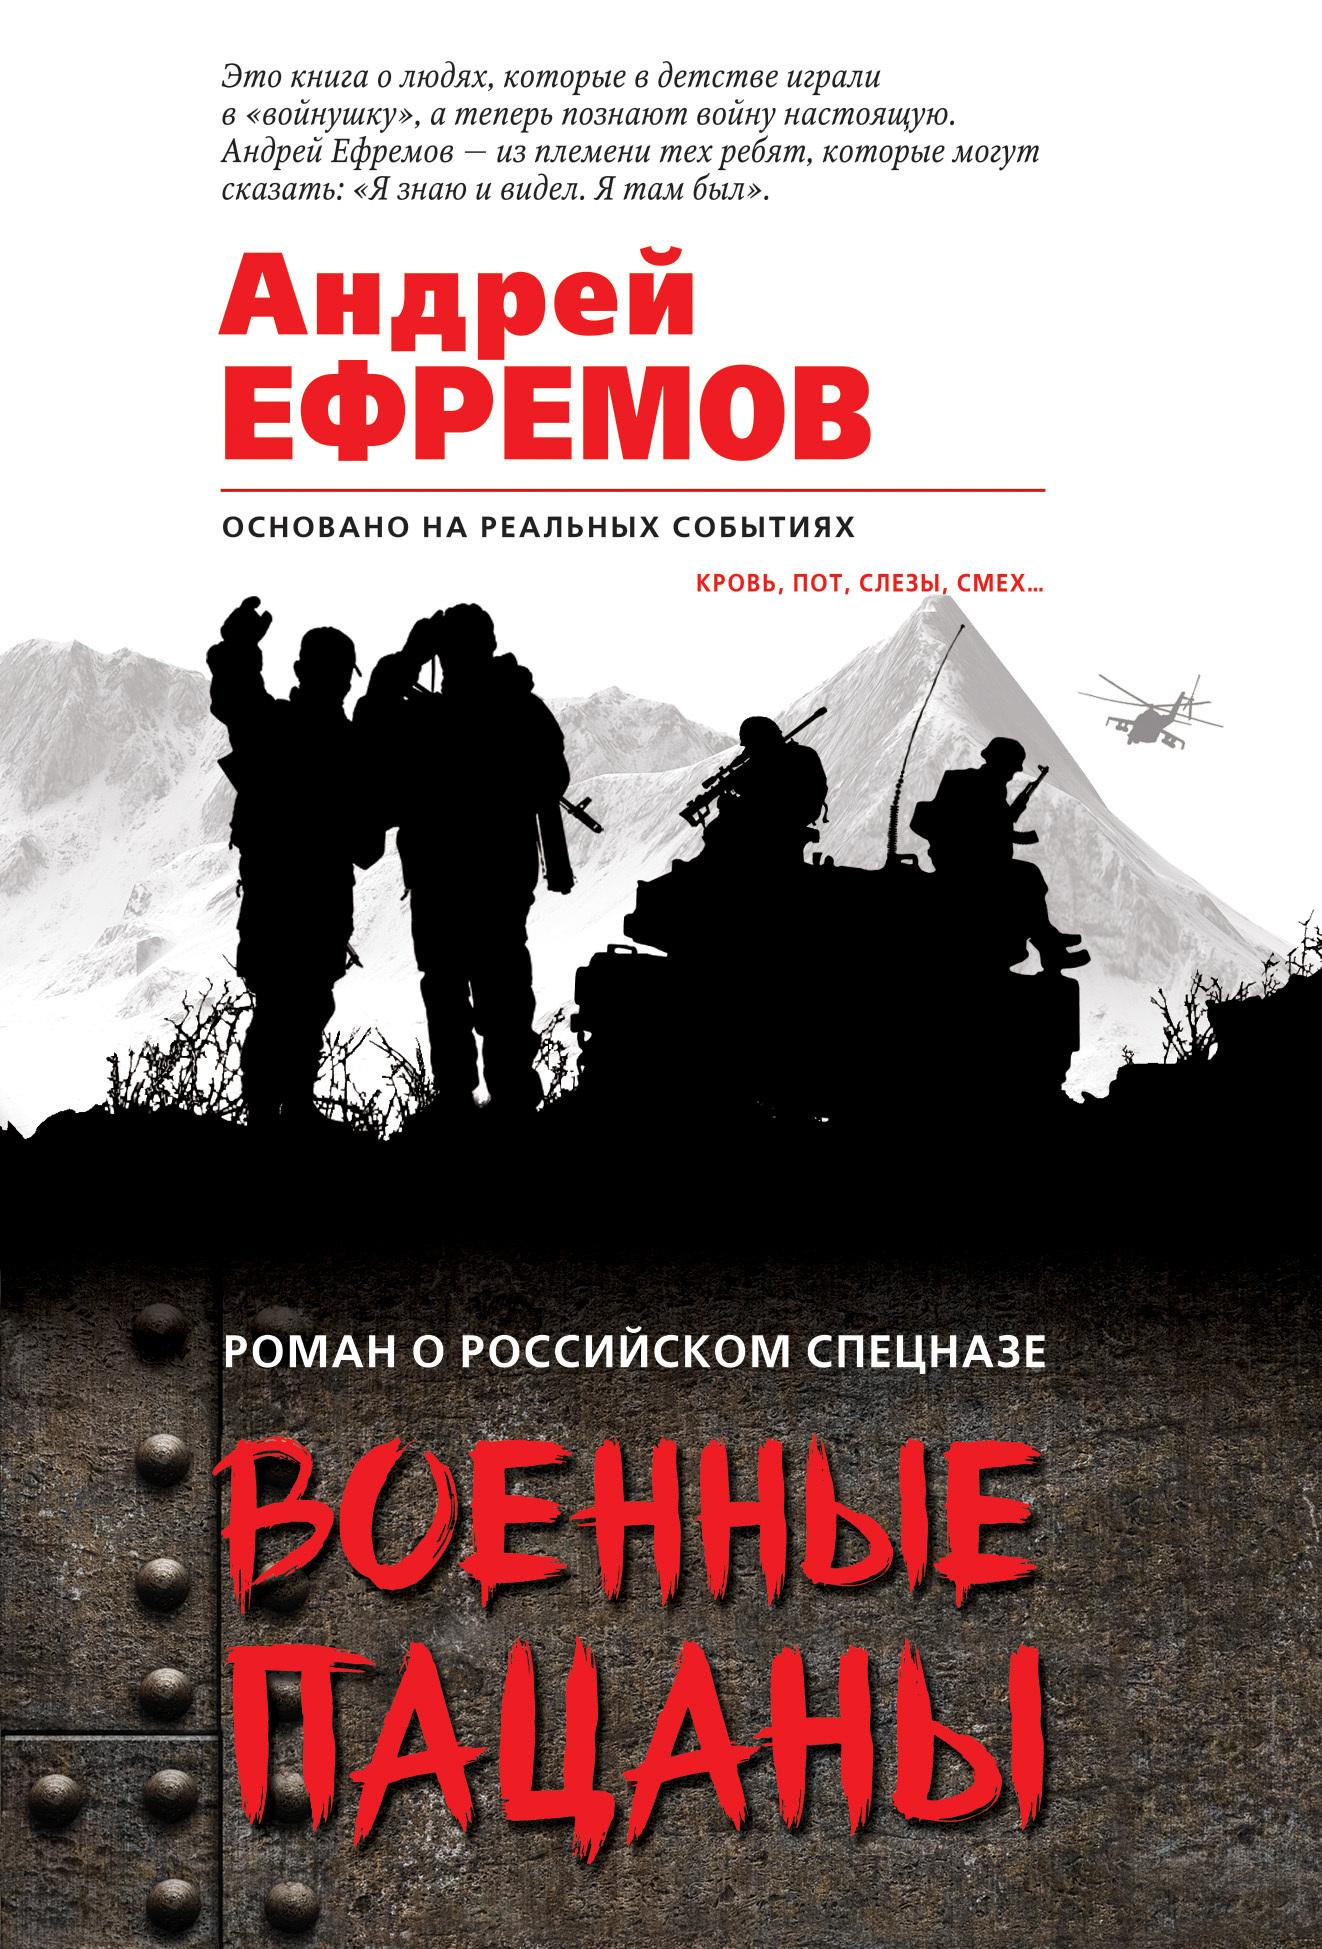 Андрей Ефремов - Военные пацаны (сборник)